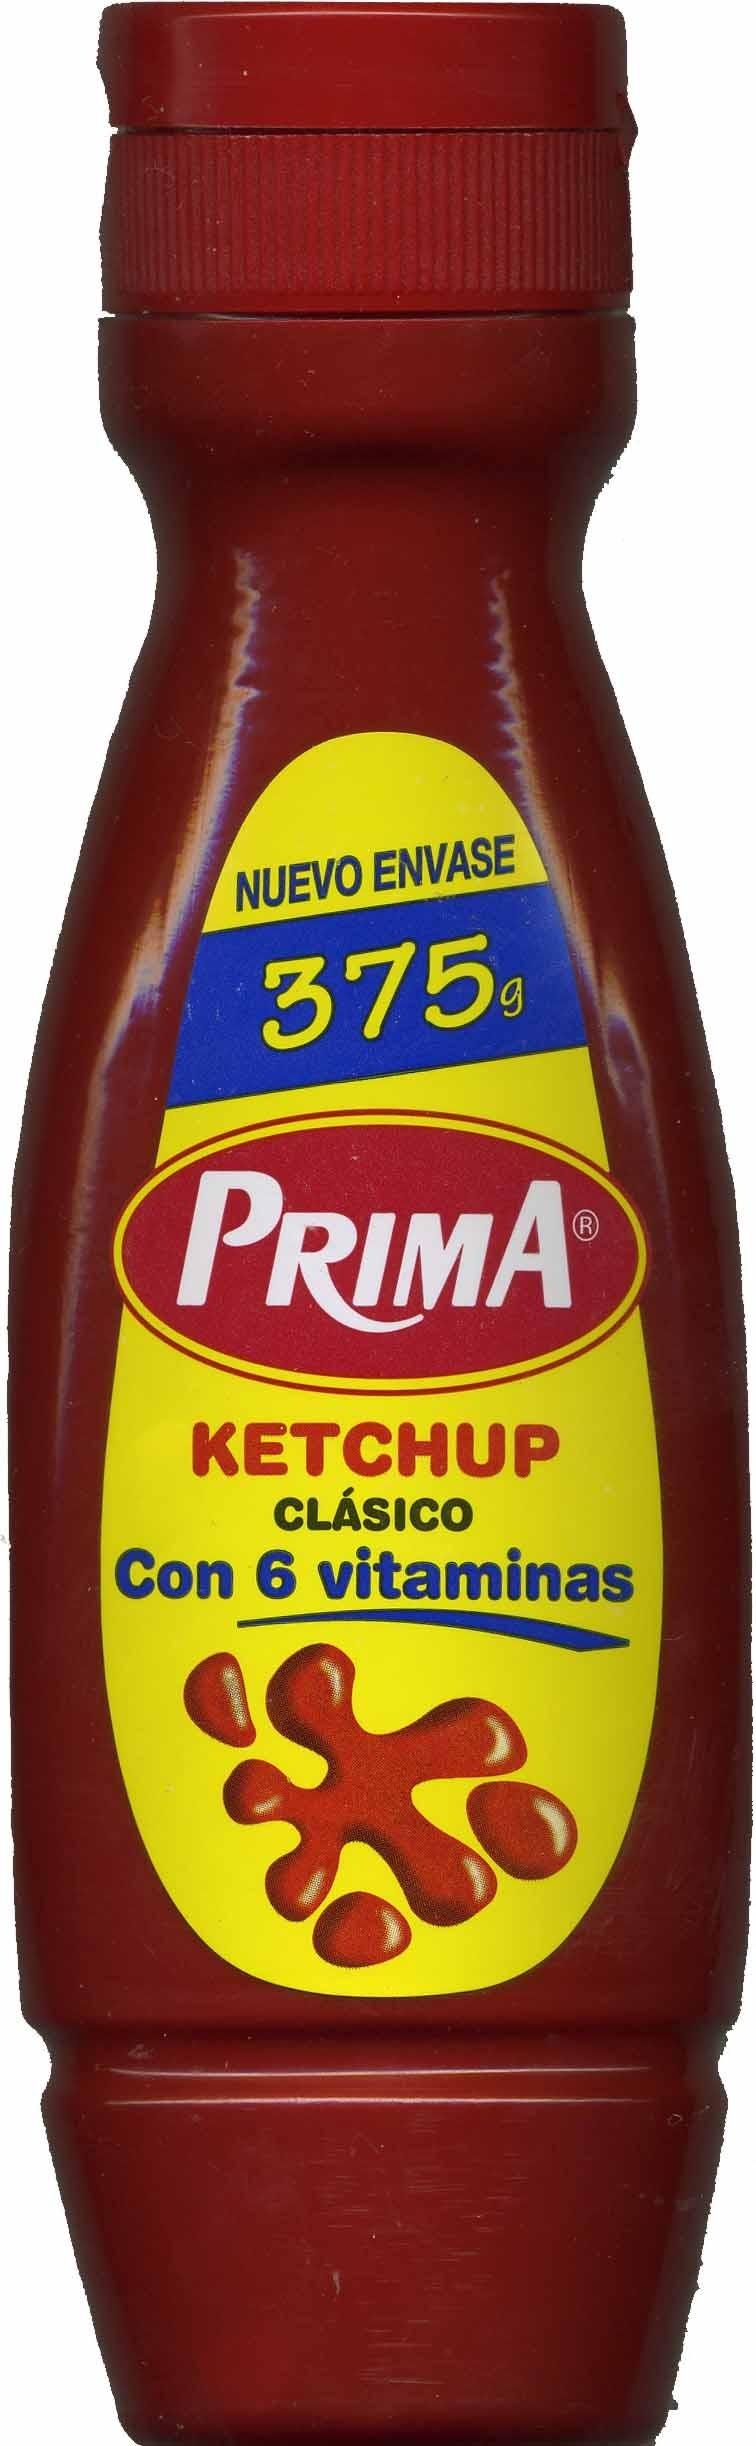 Ketchup PRIMA clásico - Producto - es